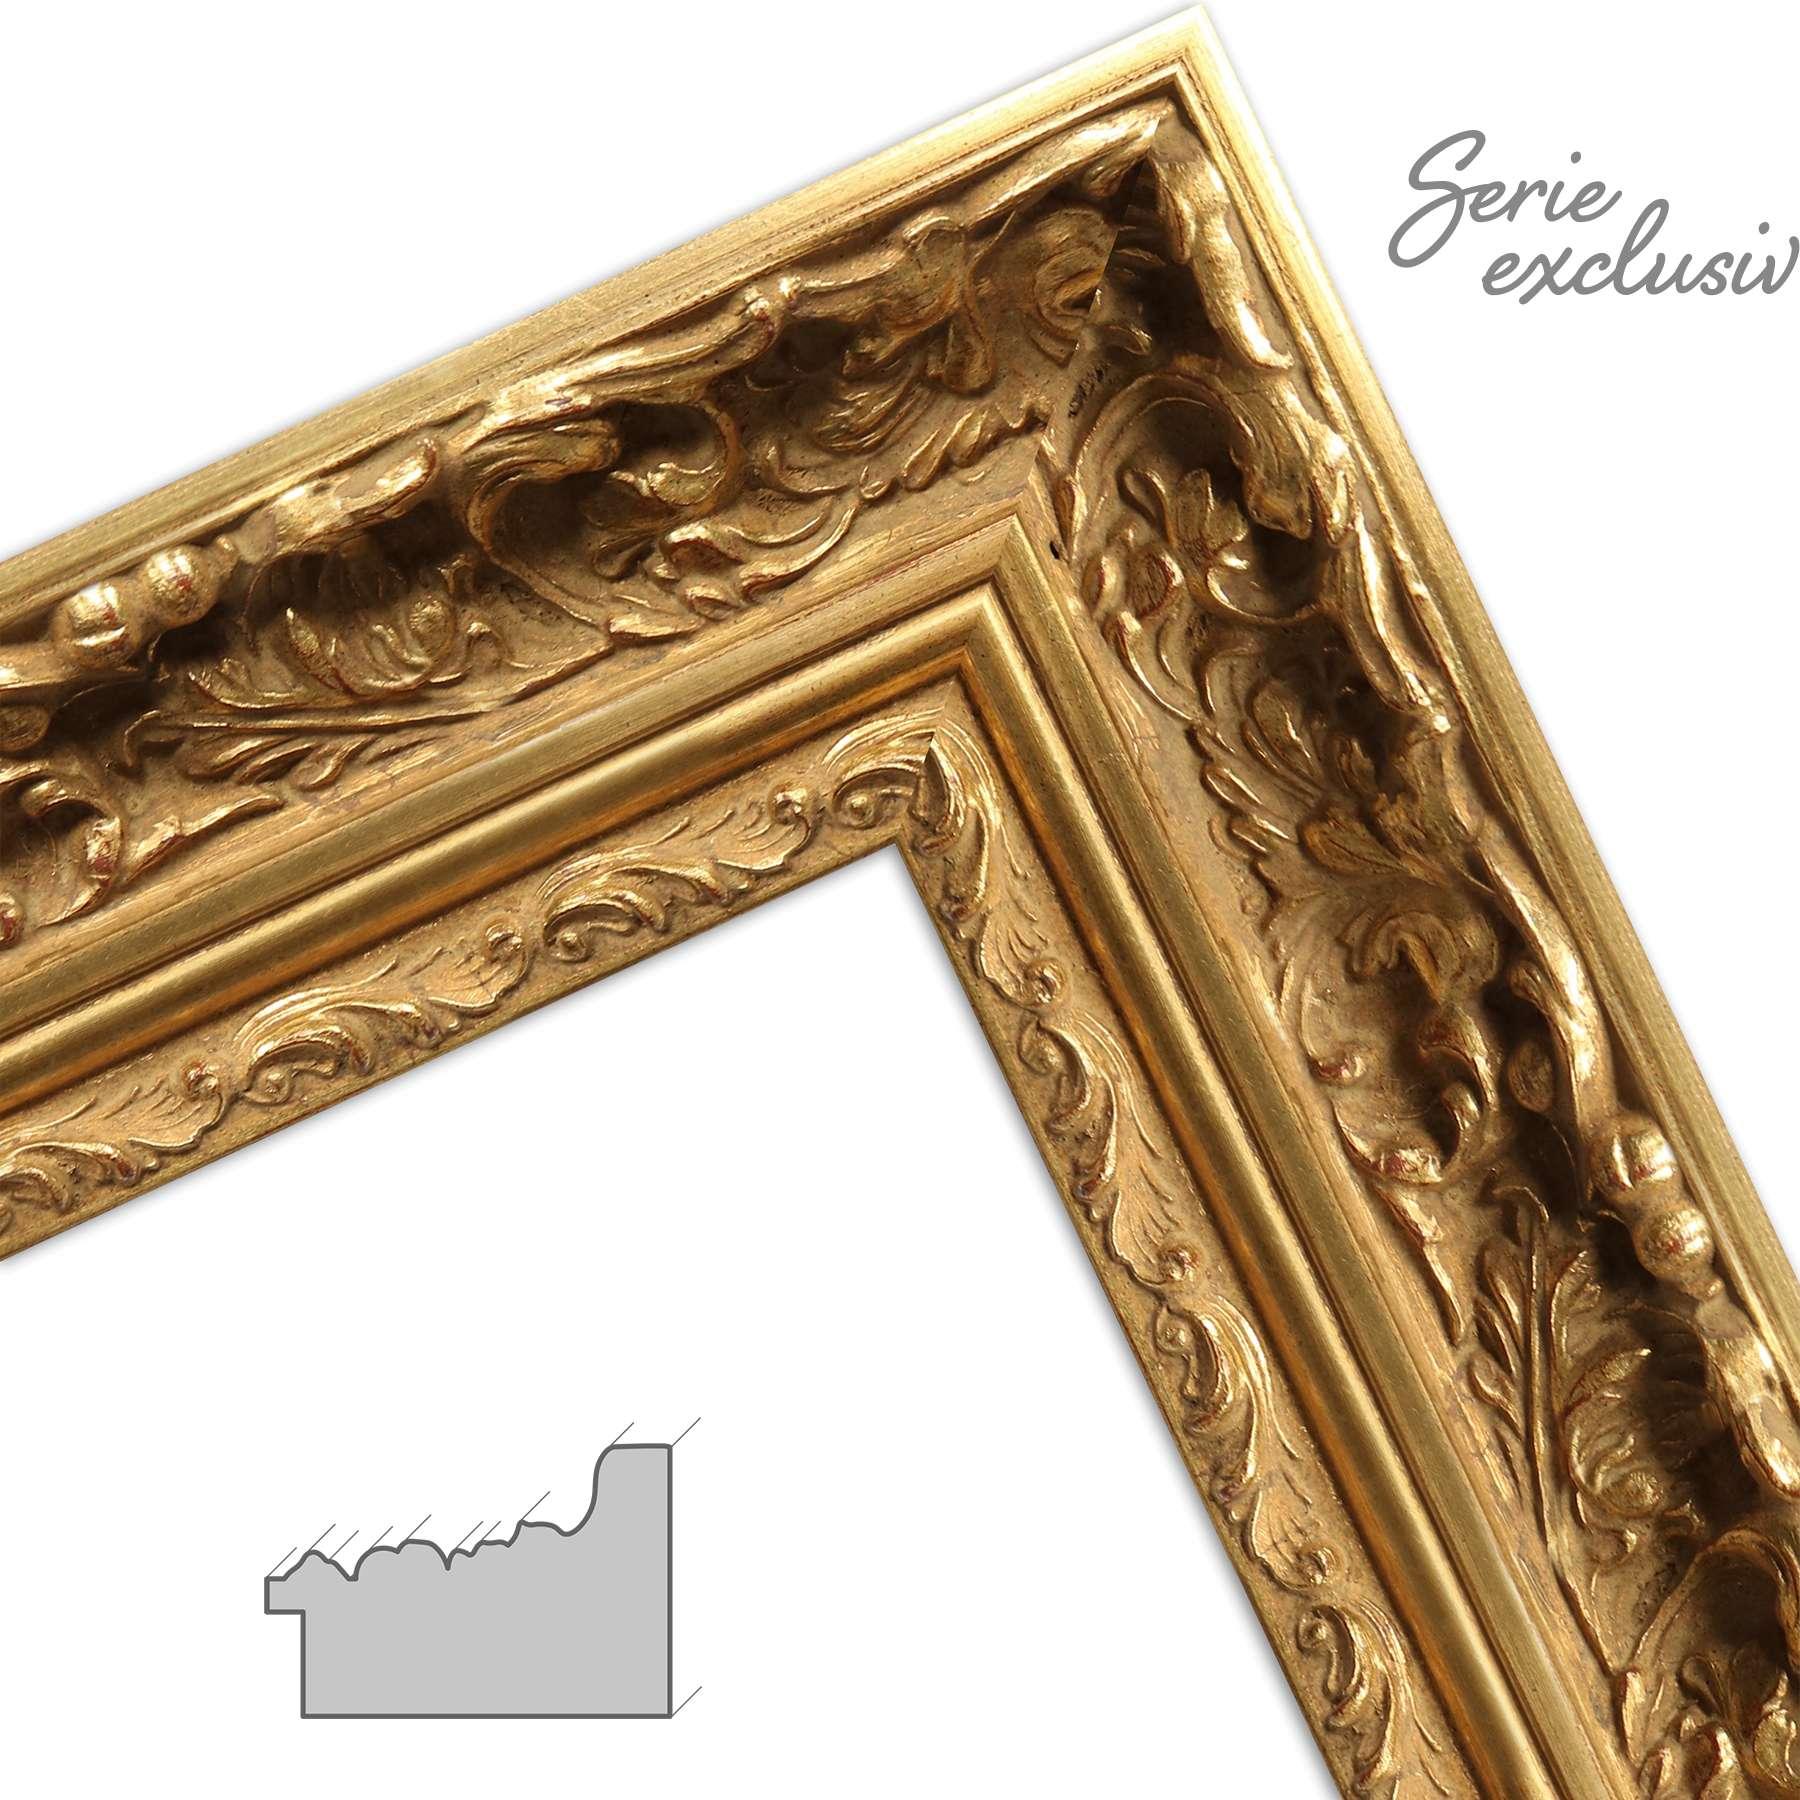 Barock u. Antik Bilderrahmen | Bilderrahmen | Frame Design Mende